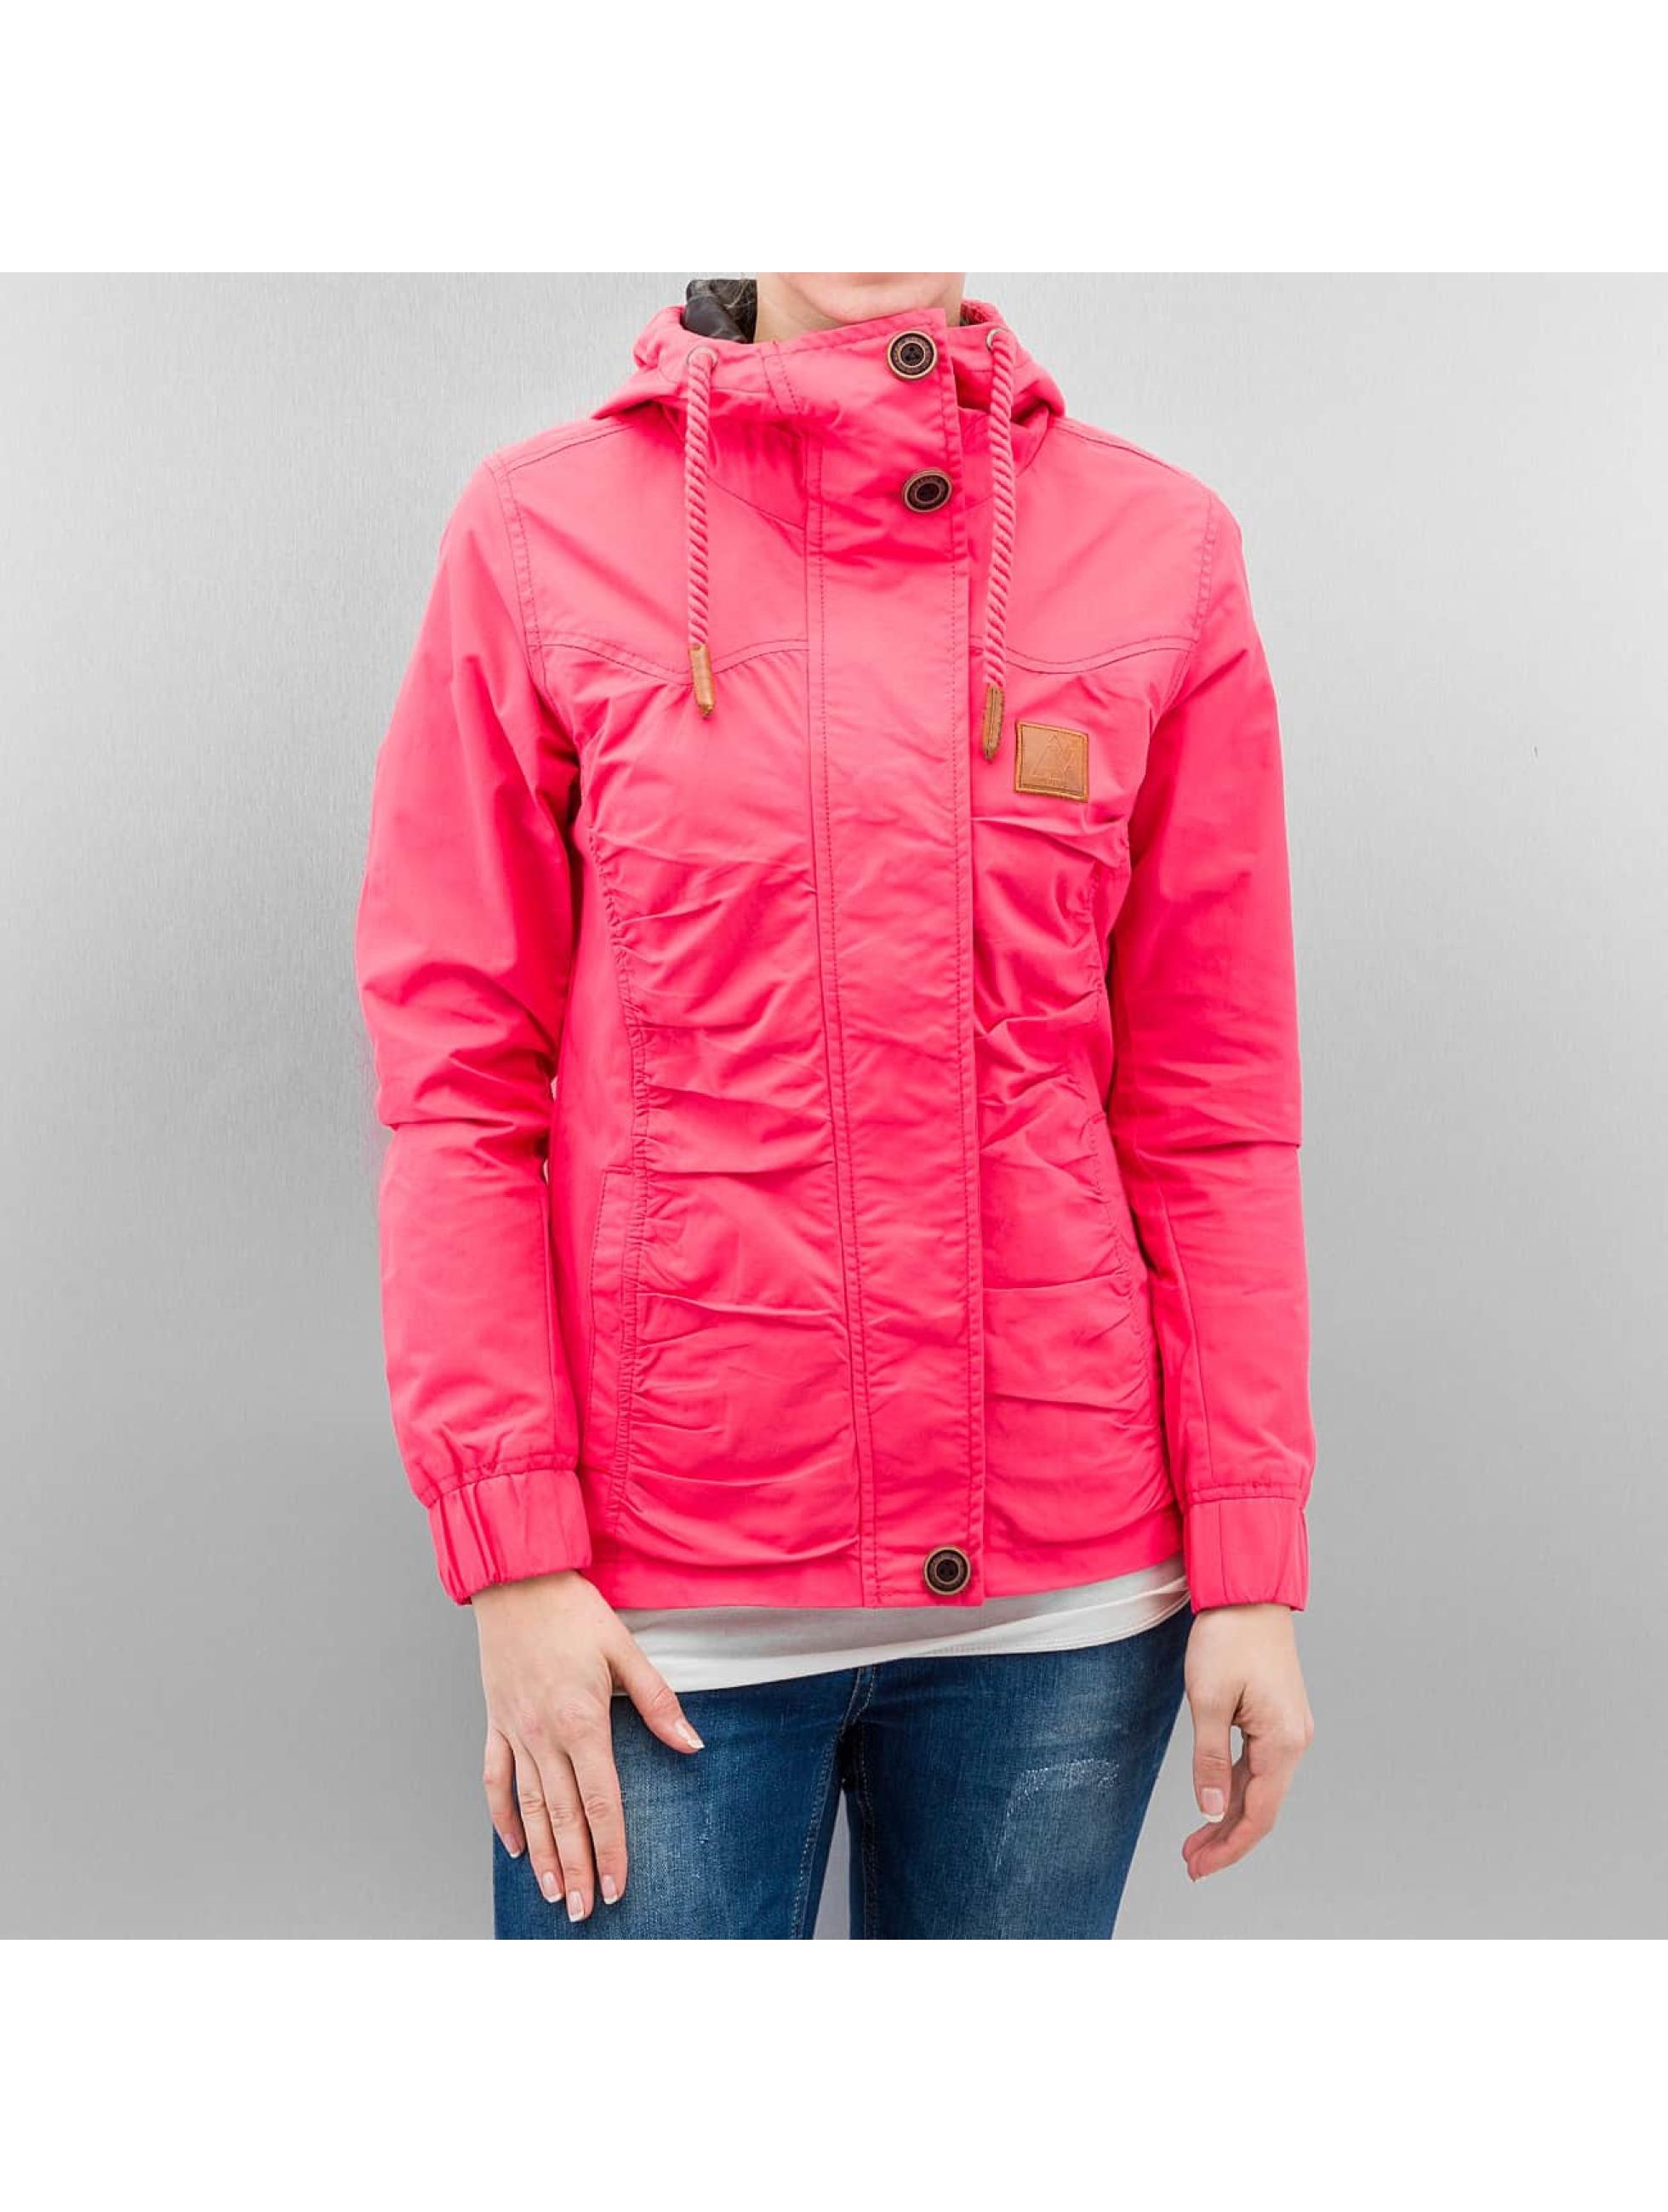 Alife & Kickin Frauen Übergangsjacke Valery in pink